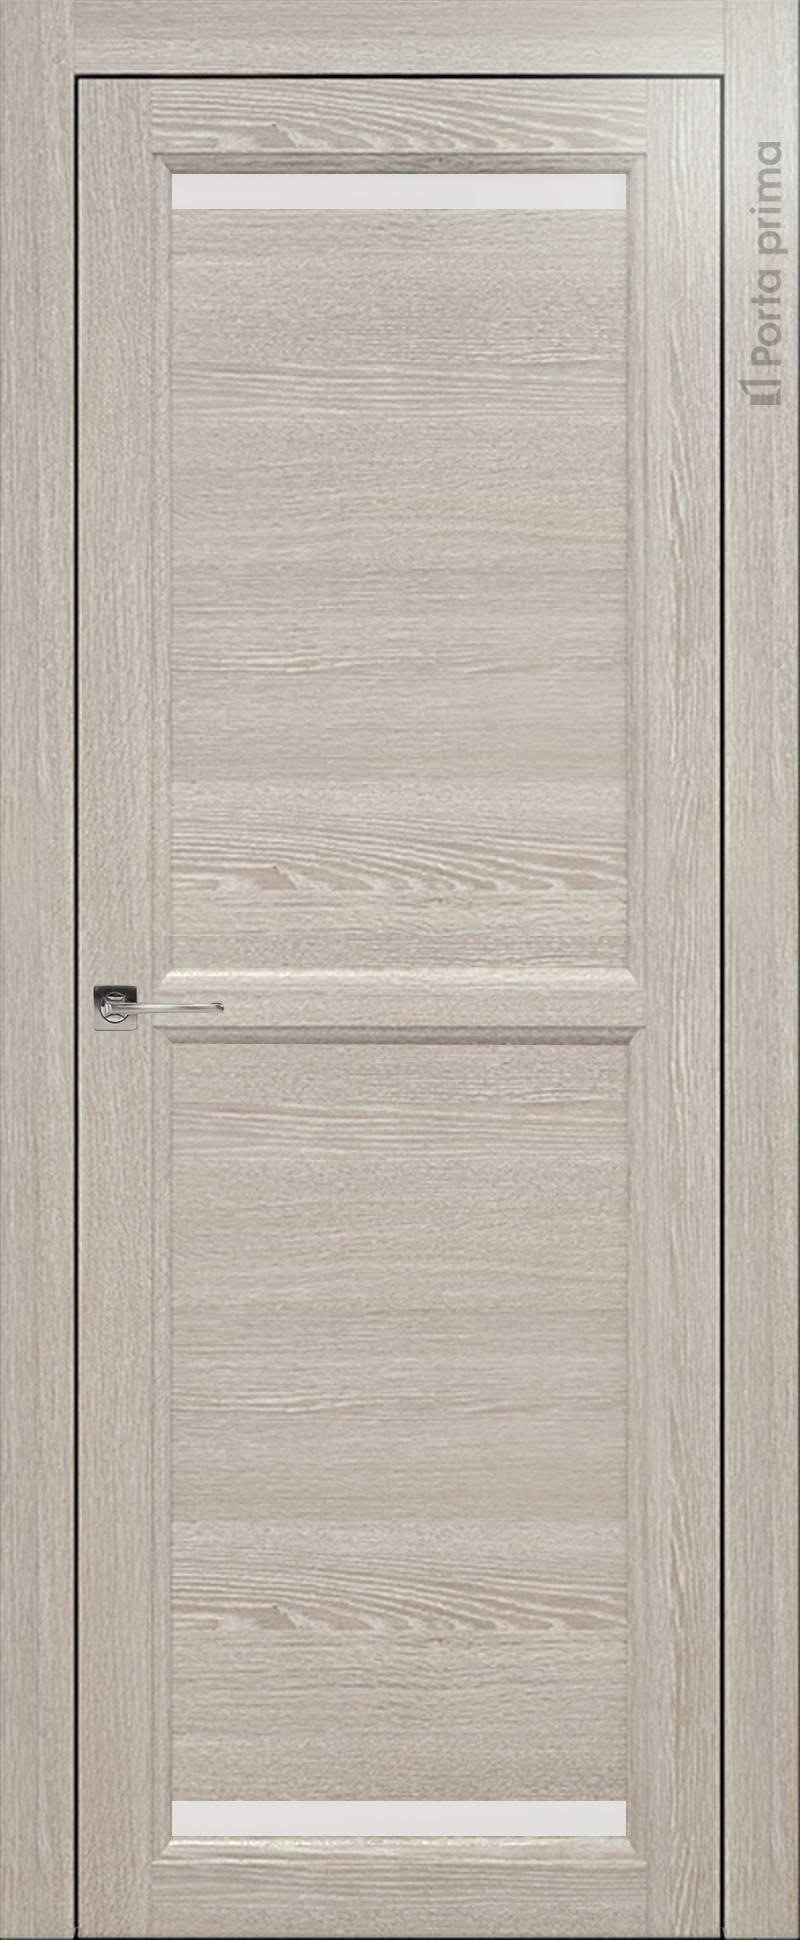 Sorrento-R Г1 цвет - Серый дуб Без стекла (ДГ)